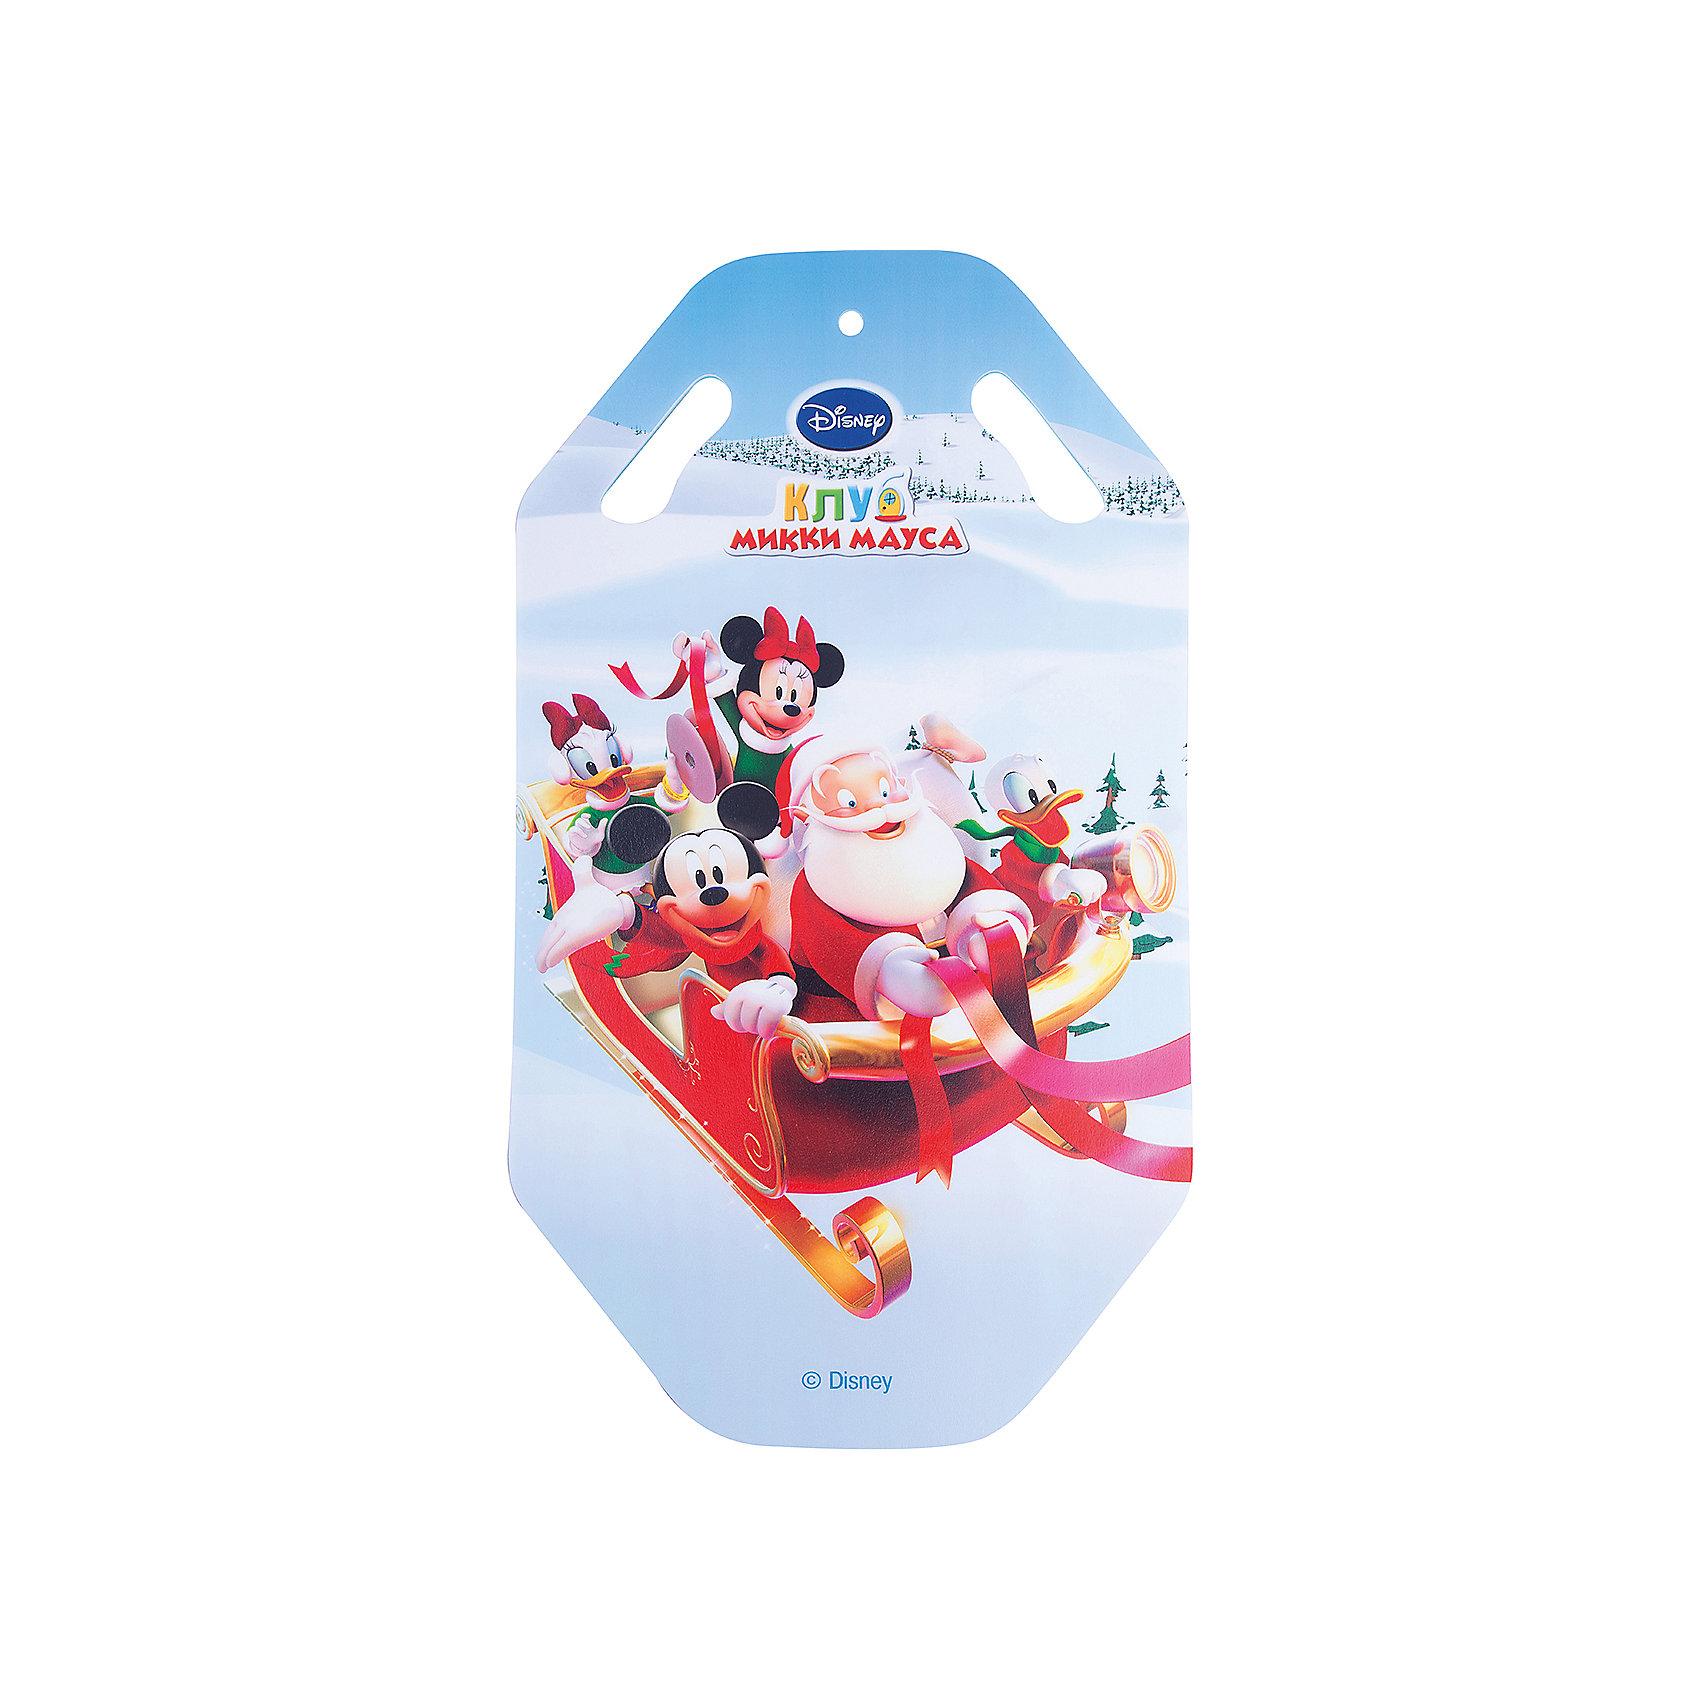 Ледянка, 92см., DisneyЛедянки<br>Ледянка, 92см., Disney.<br><br>Характеристики:<br><br>• прочные материалы<br>• удобные прорези <br>• яркий дизайн<br>• материал: пластик<br>• размер: 92х50х0,5 см<br>• вес: 300 грамм<br><br>Ледянка, Disney предназначена для спуска со снежных горок в зимнее время. Она изготовлена из качественных материалов, отлично скользит и имеет прорези, за которые ребенок сможет держаться. Яркий дизайн с персонажами клуба Микки-Мауса станет приятным дополнением к веселому времяпровождению.<br><br>Ледянку, 92см., Disney вы можете приобрести в нашем интернет-магазине.<br><br>Ширина мм: 910<br>Глубина мм: 5<br>Высота мм: 510<br>Вес г: 398<br>Возраст от месяцев: 36<br>Возраст до месяцев: 192<br>Пол: Унисекс<br>Возраст: Детский<br>SKU: 5032803